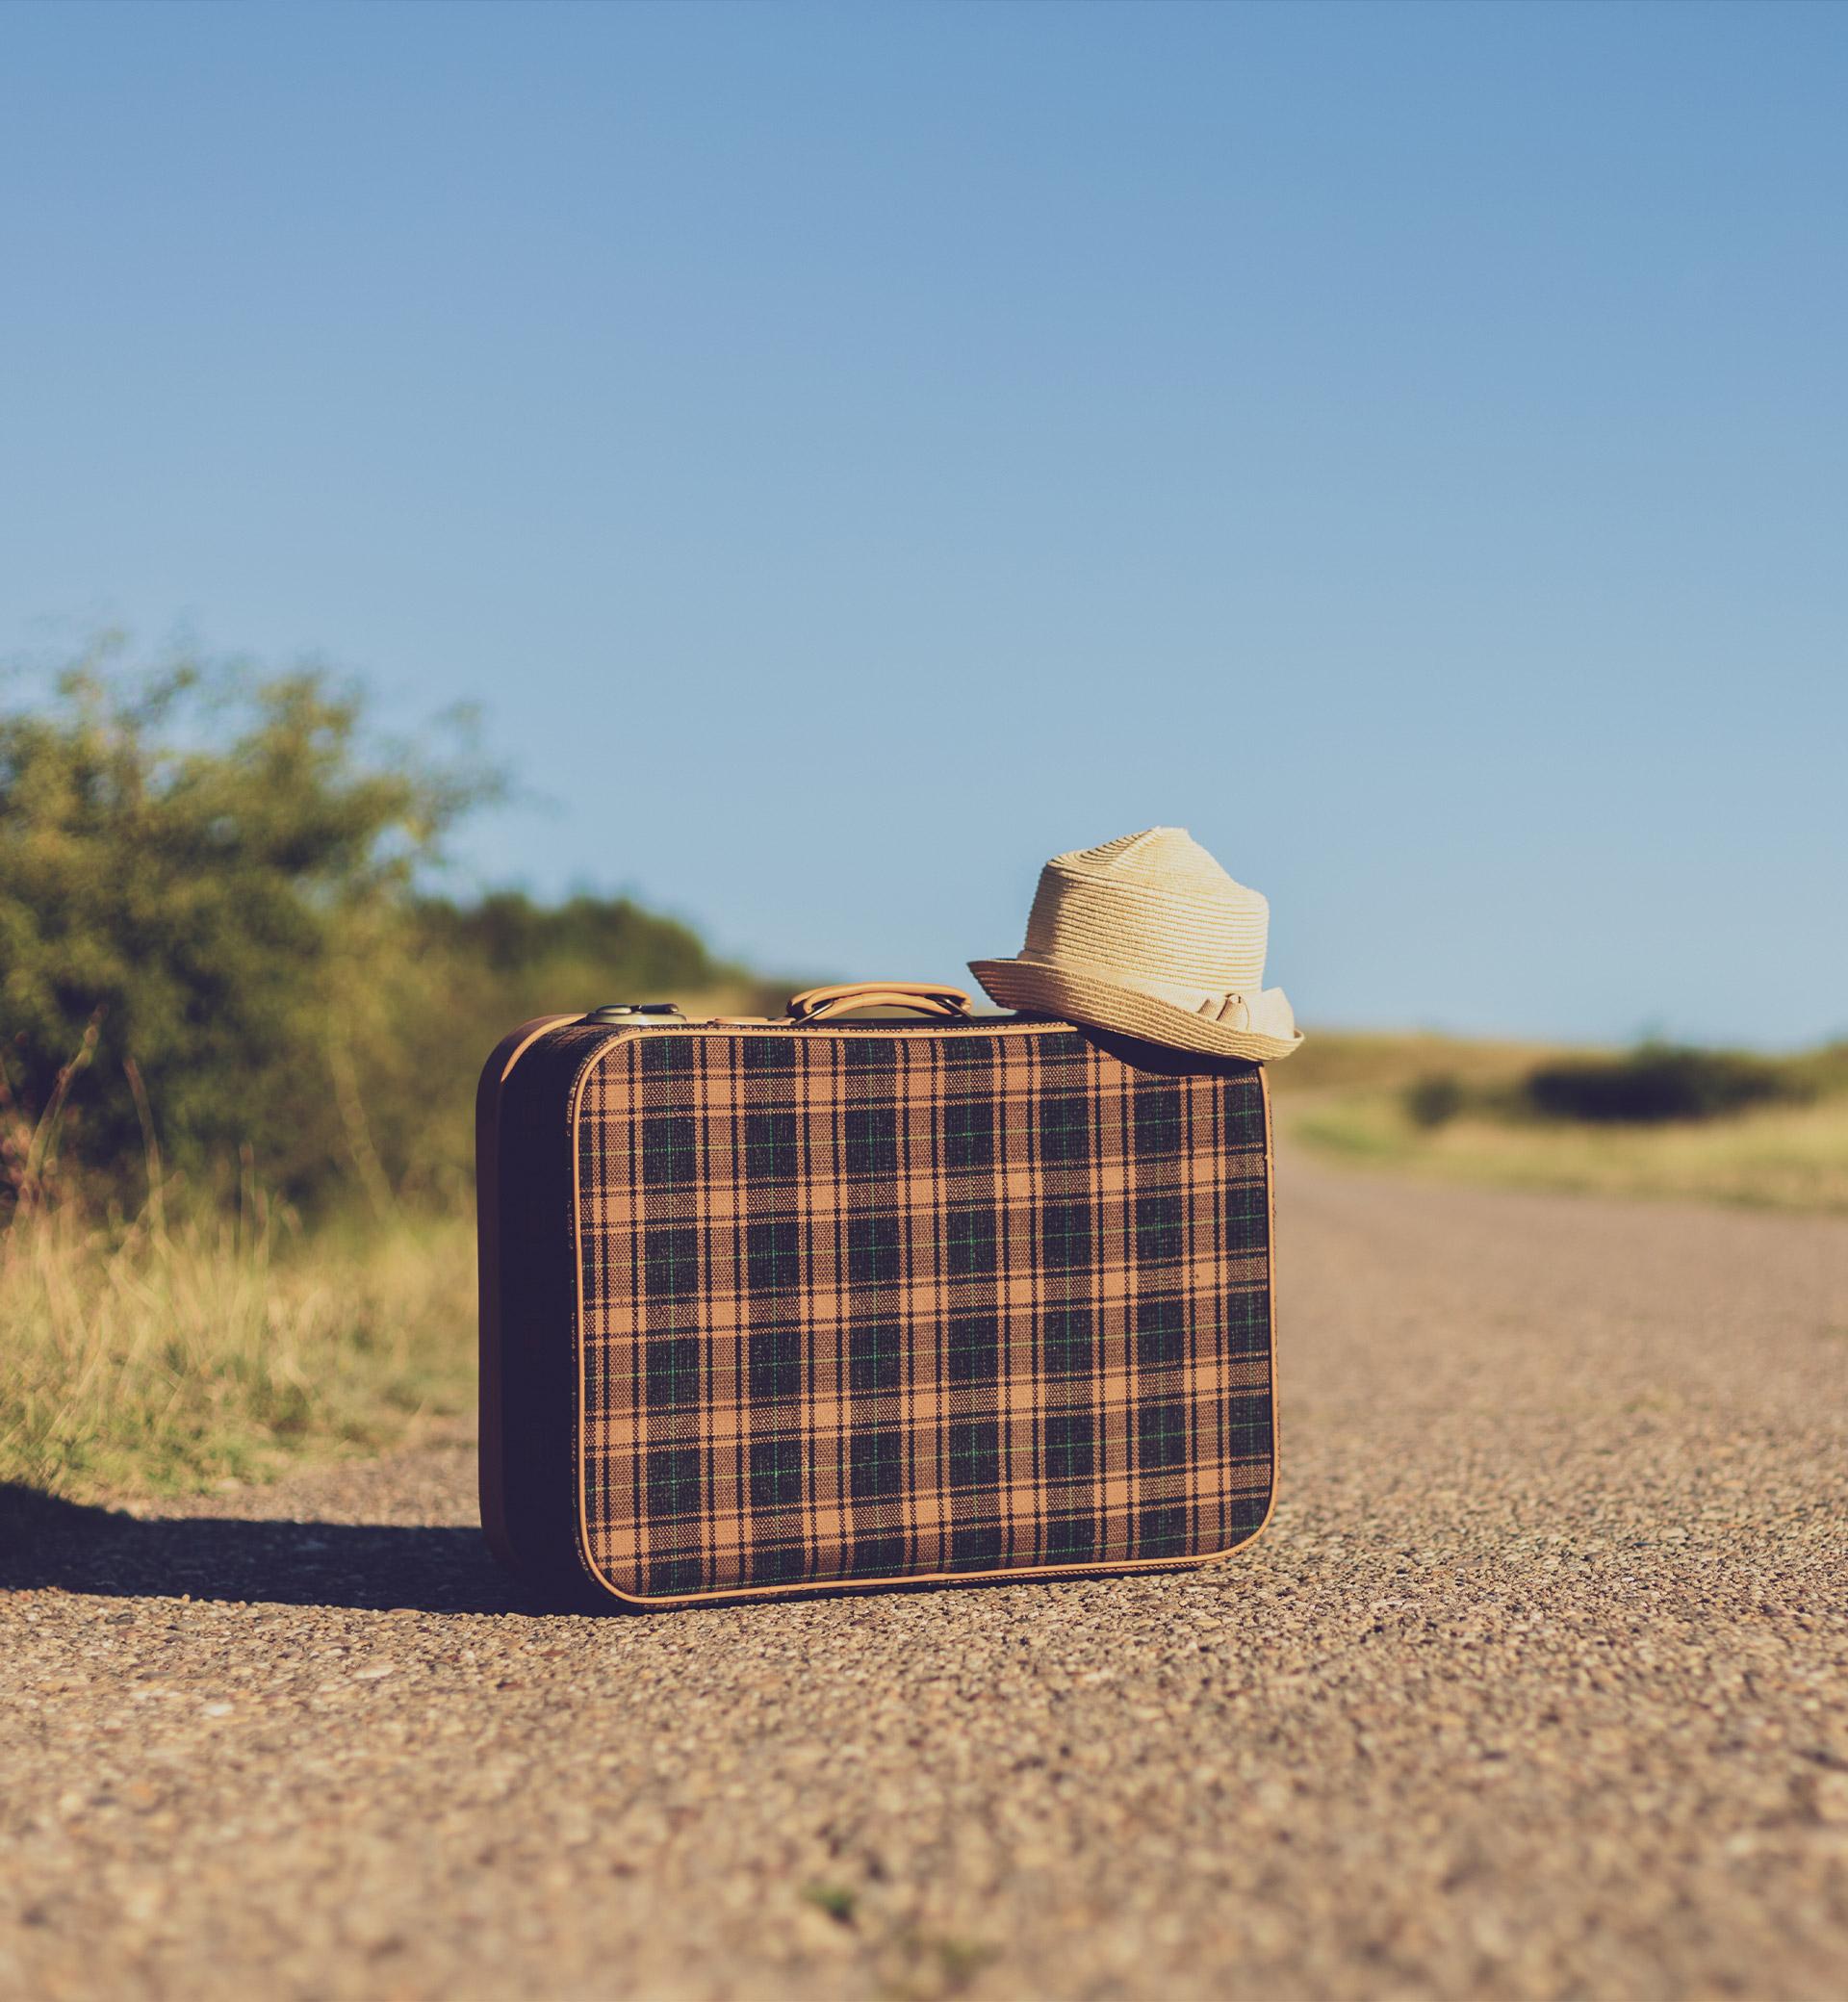 Problemas con viajes y vacaciones